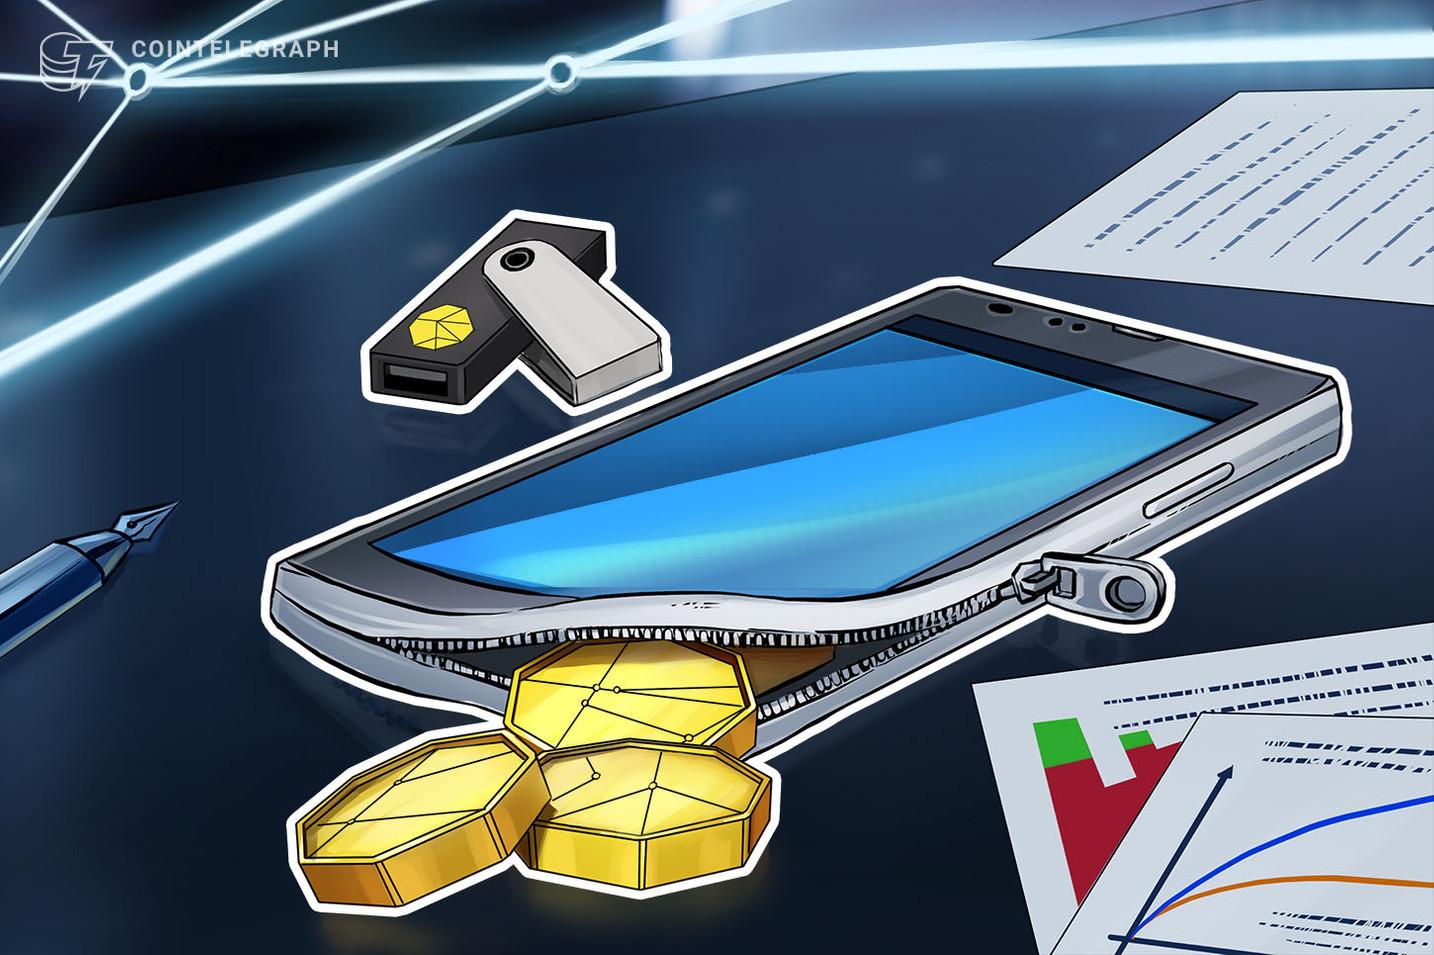 En Colombia, MOVii permitirá que usuarios puedan comprar criptoactivos